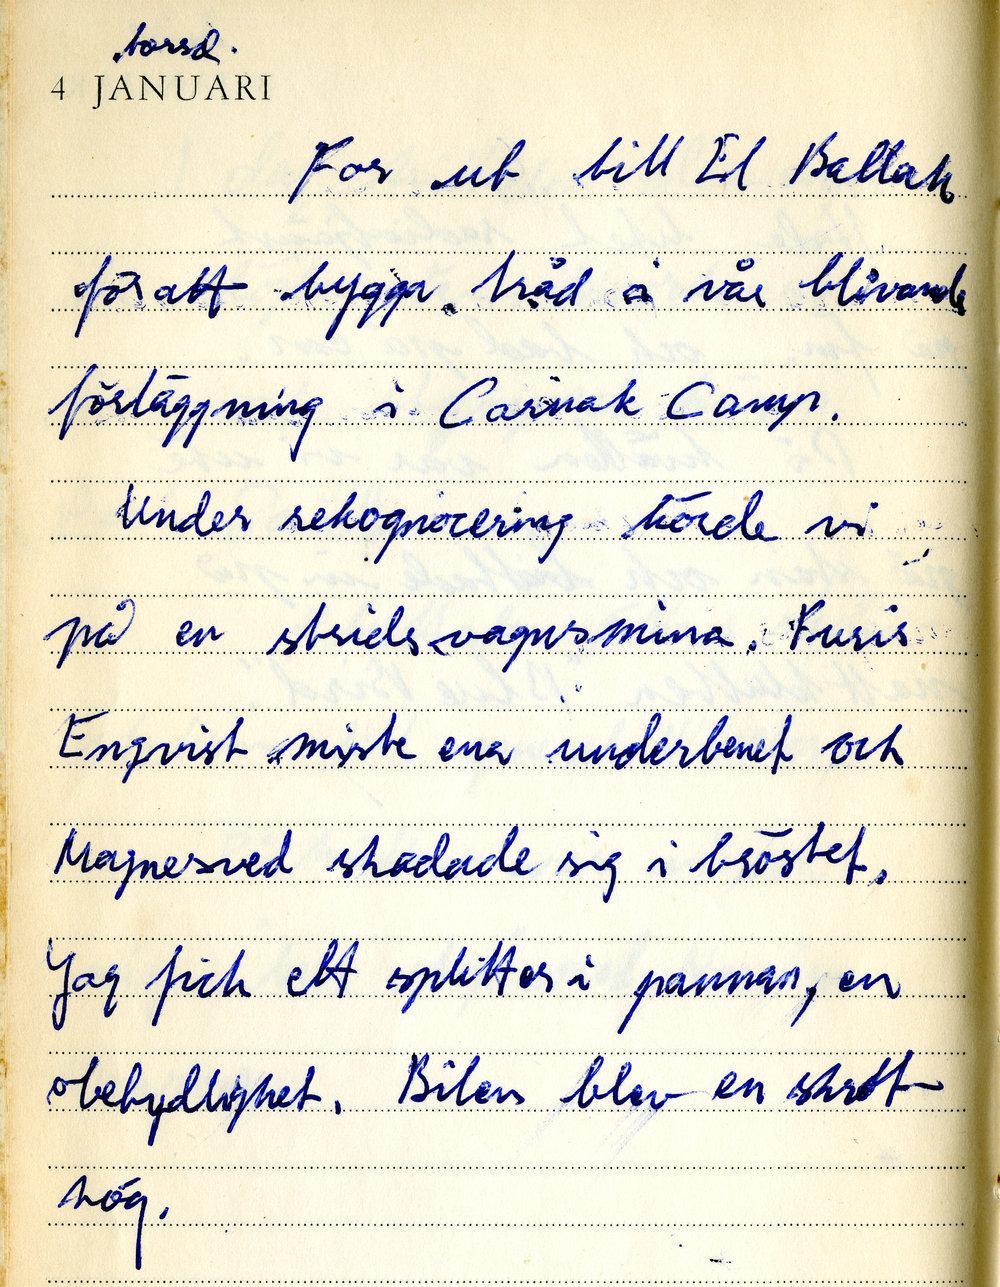 Kjell Jonsson_9_026_4 & 5 jan.jpg